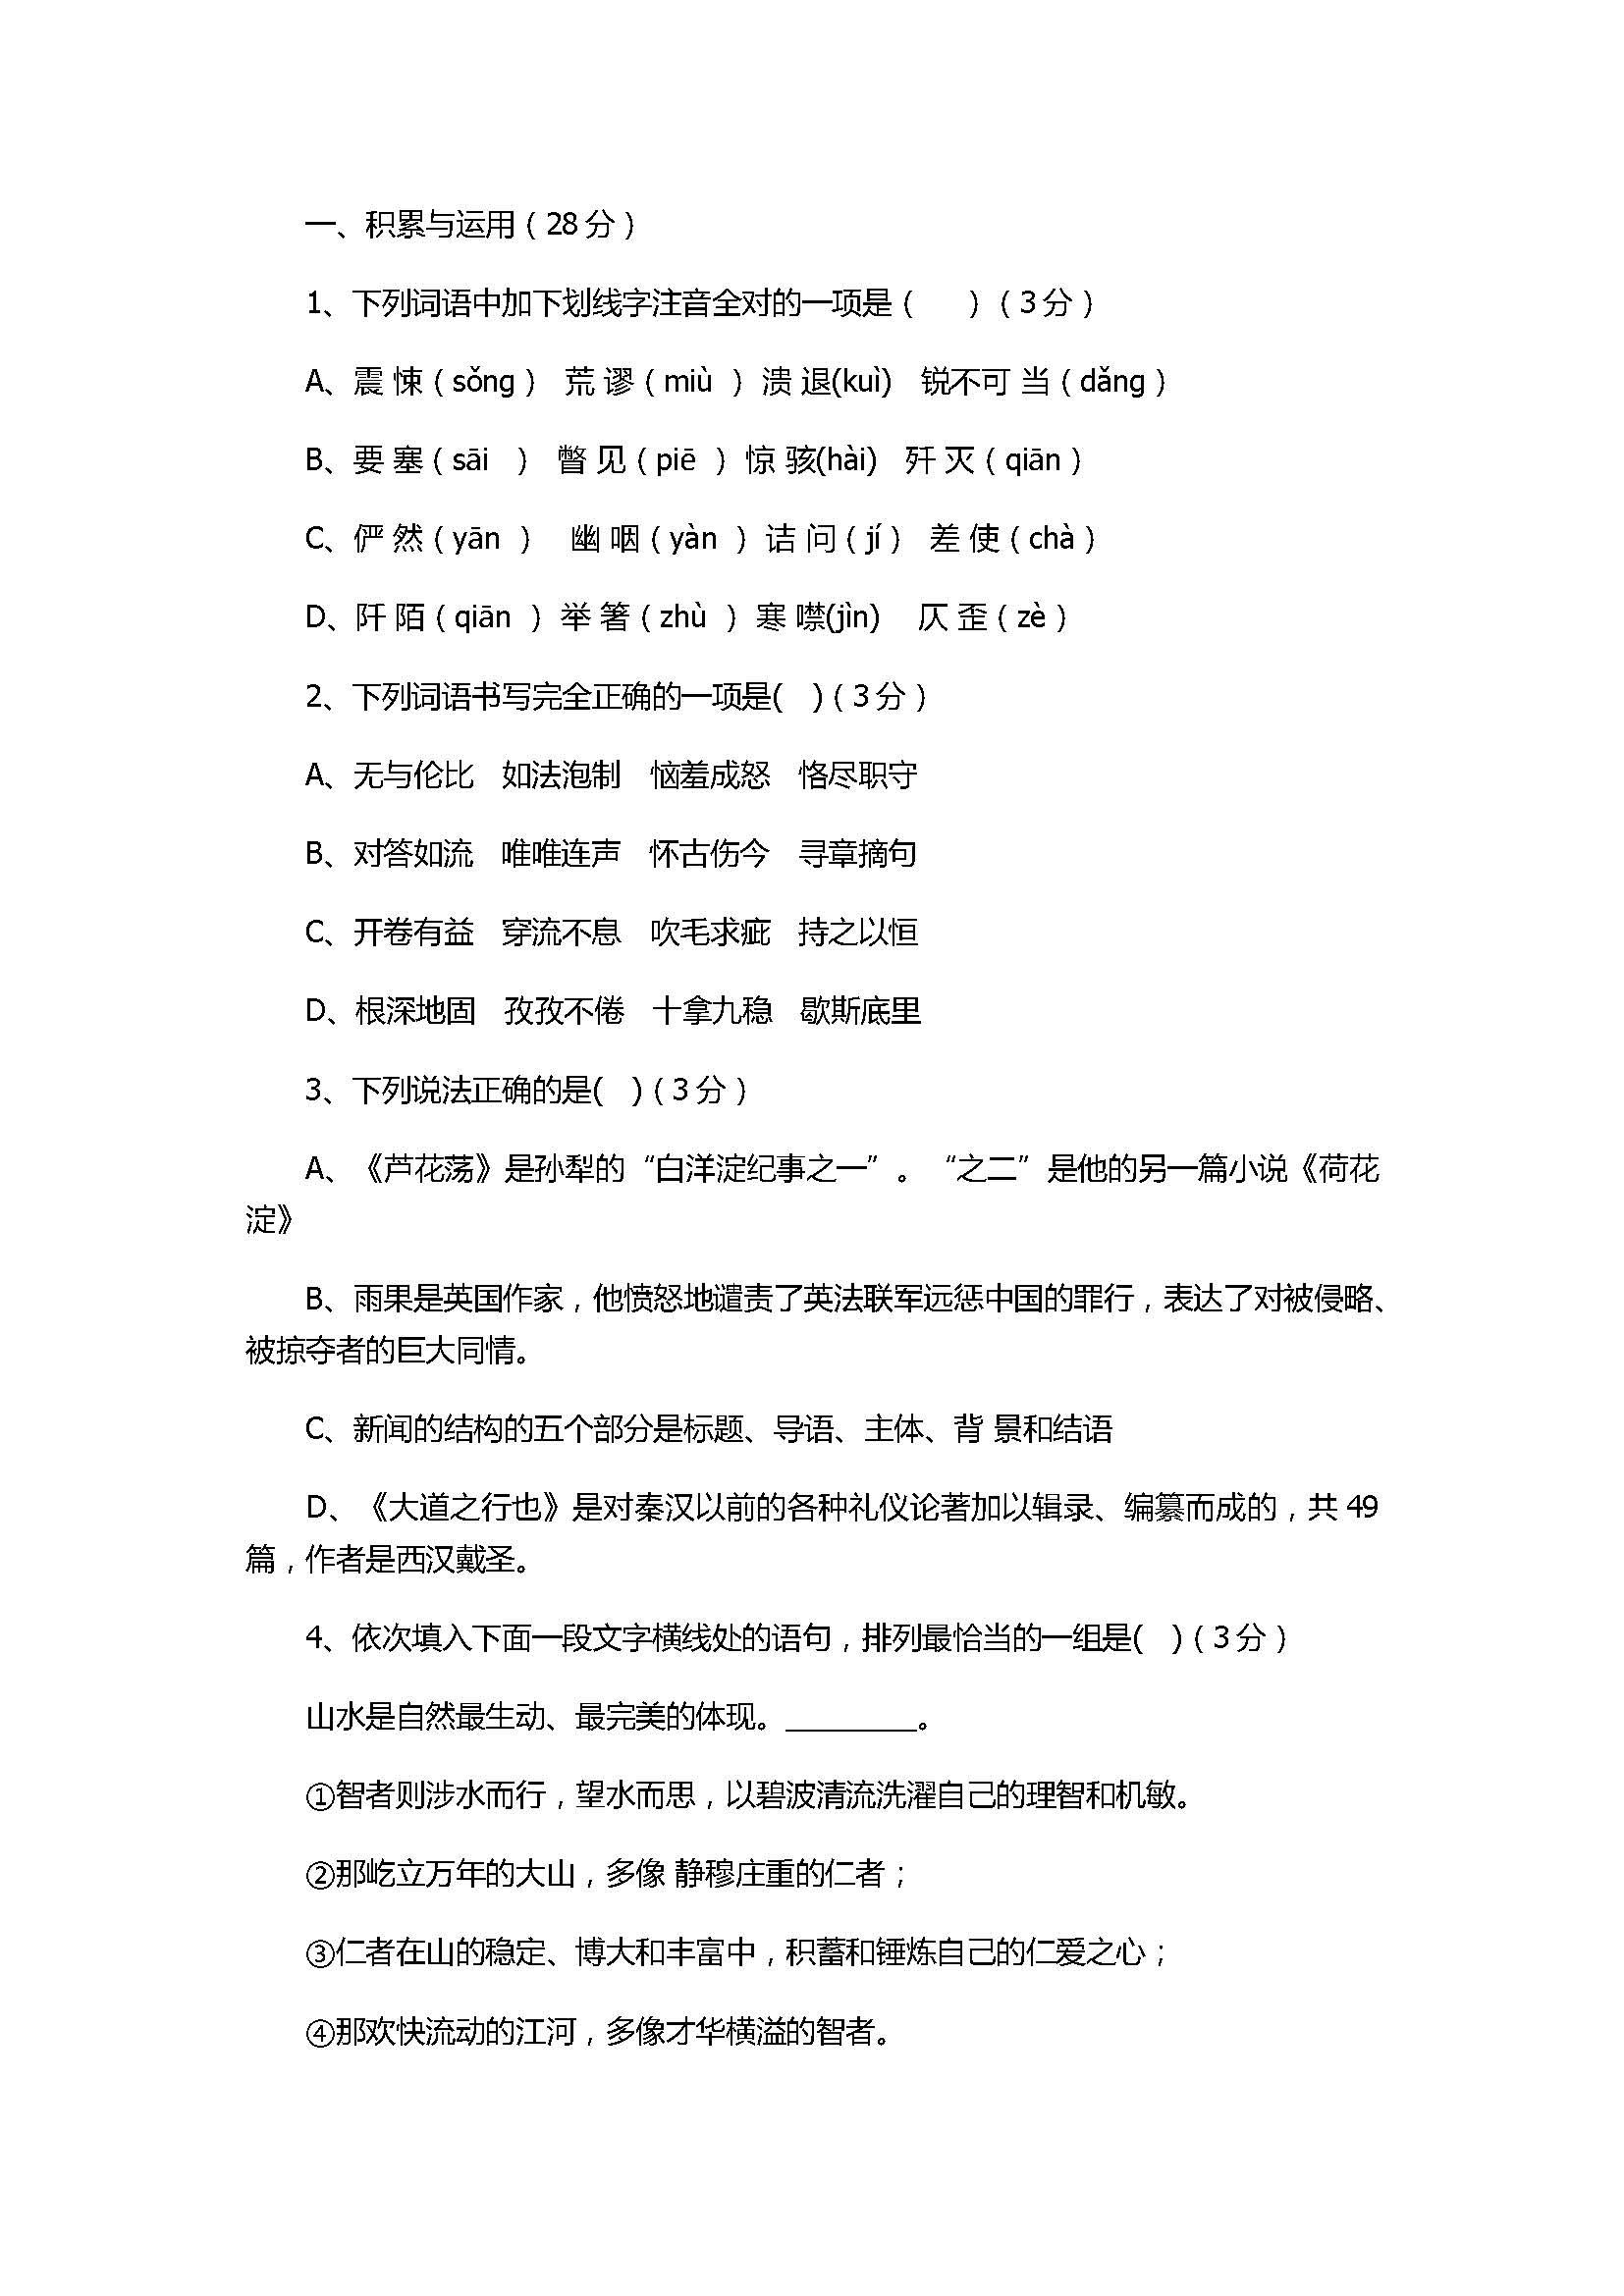 2017初二年级语文上册月考试题(附参考答案)